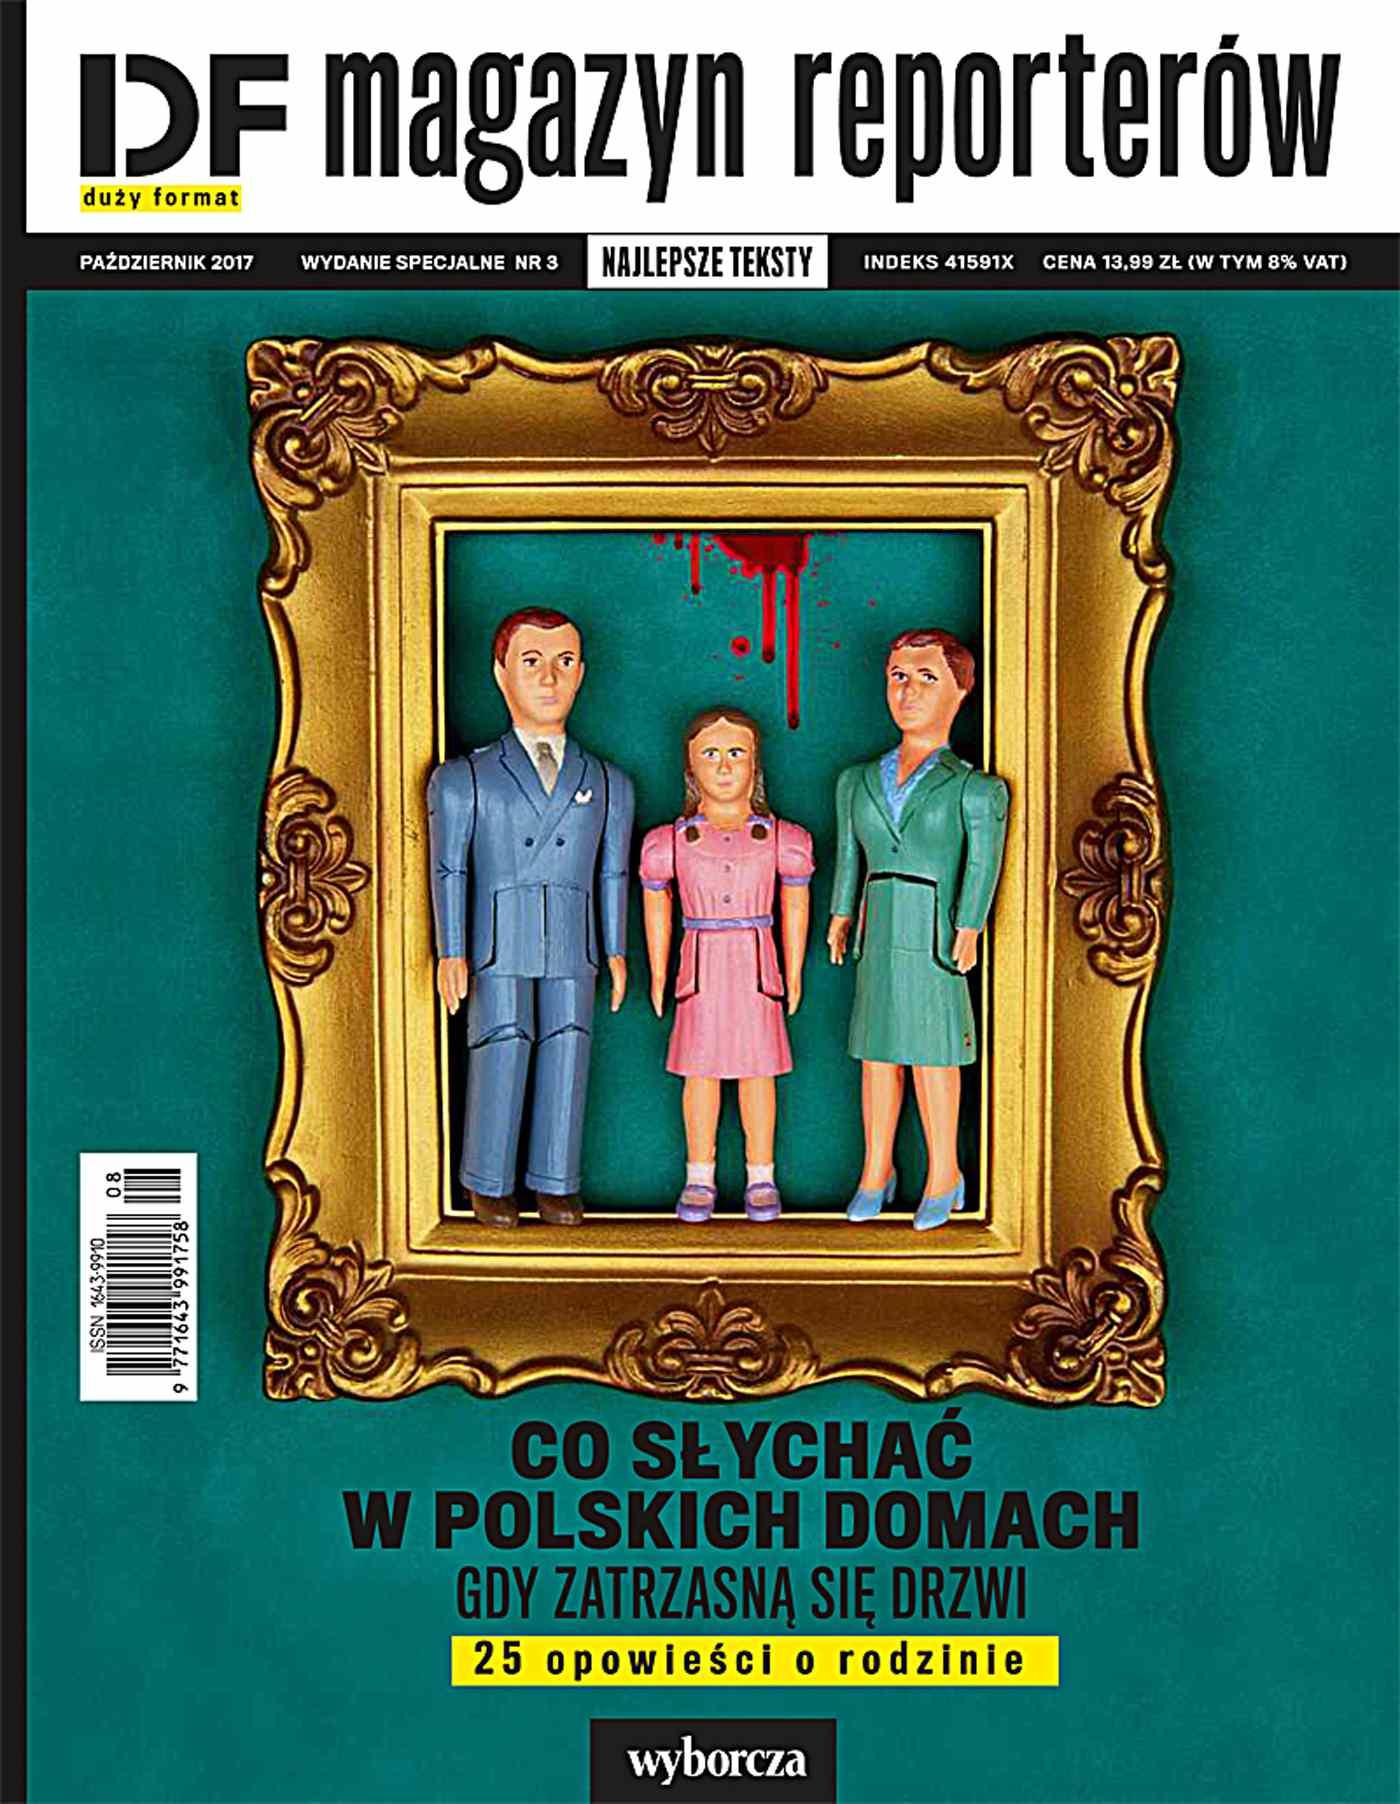 Duży Format. Wydanie Specjalne 3/2017 DF Magazyn Reporterów. Co słychać w polskich domach - Ebook (Książka EPUB) do pobrania w formacie EPUB